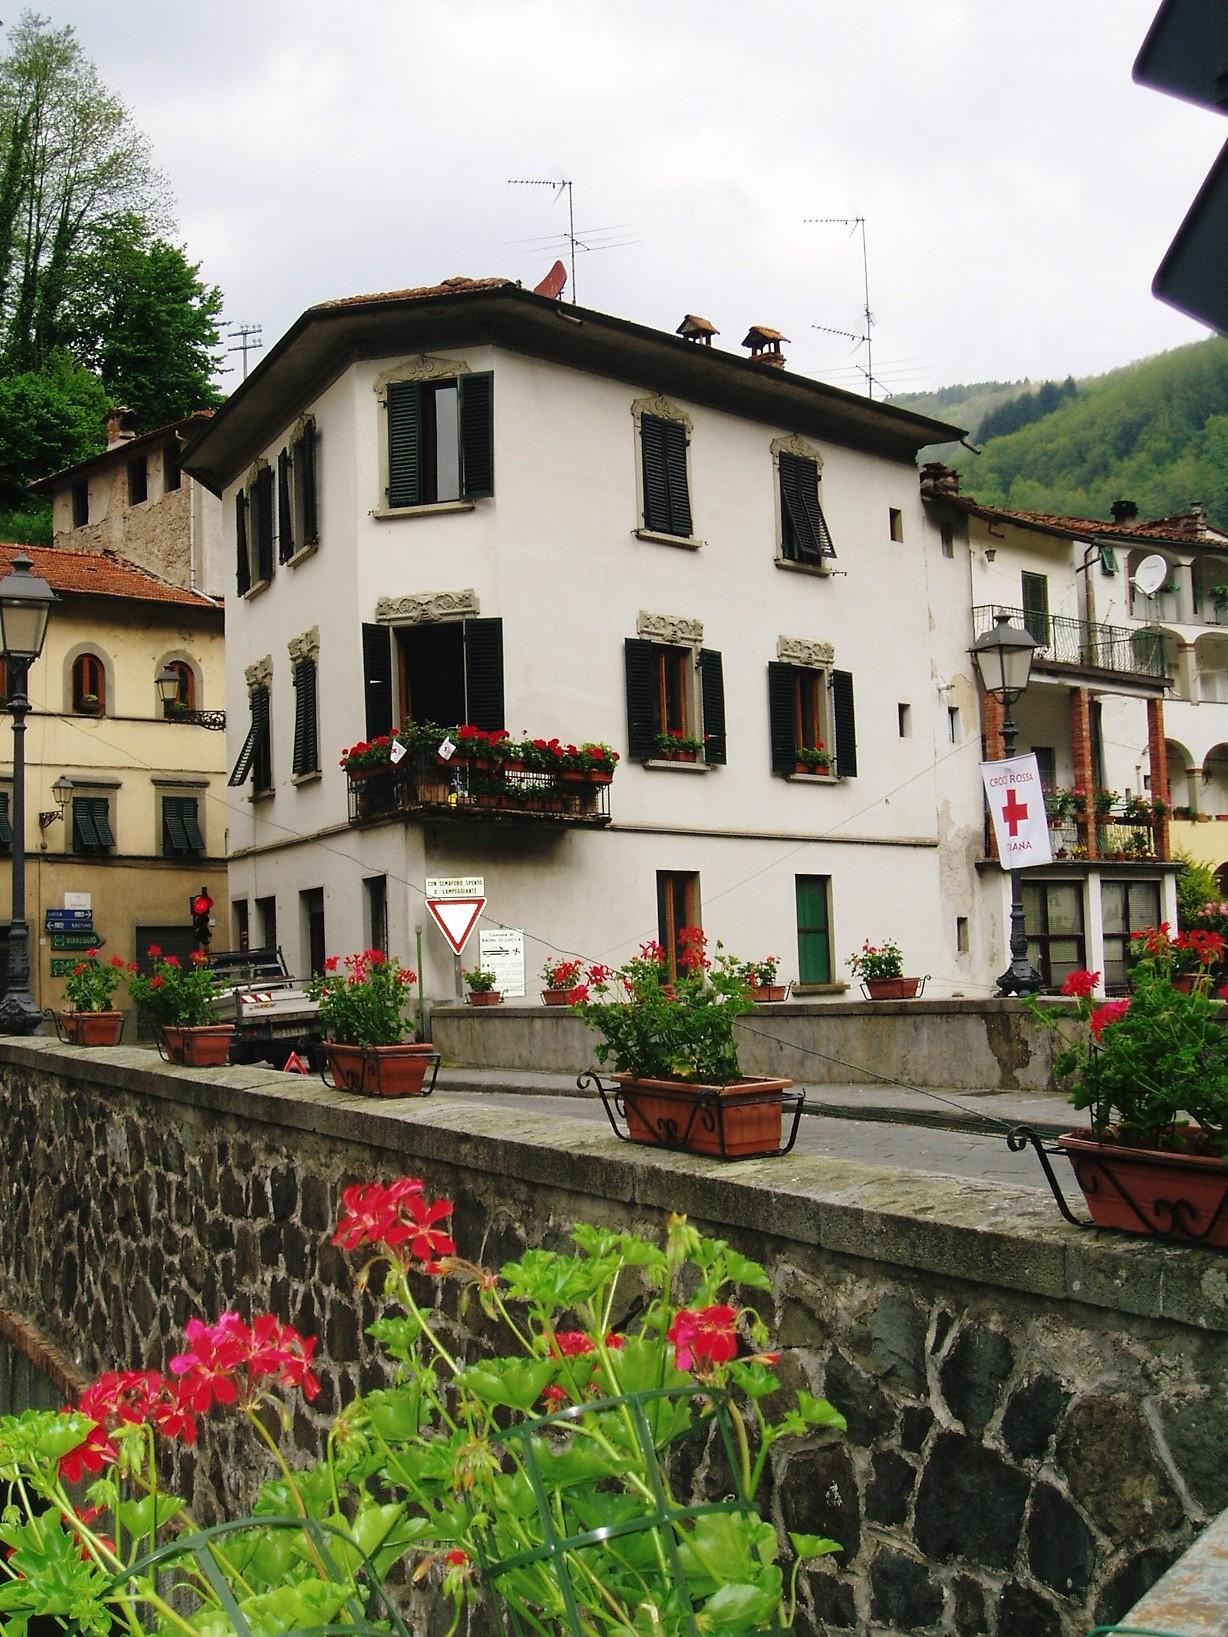 Why Bagni Di Lucca